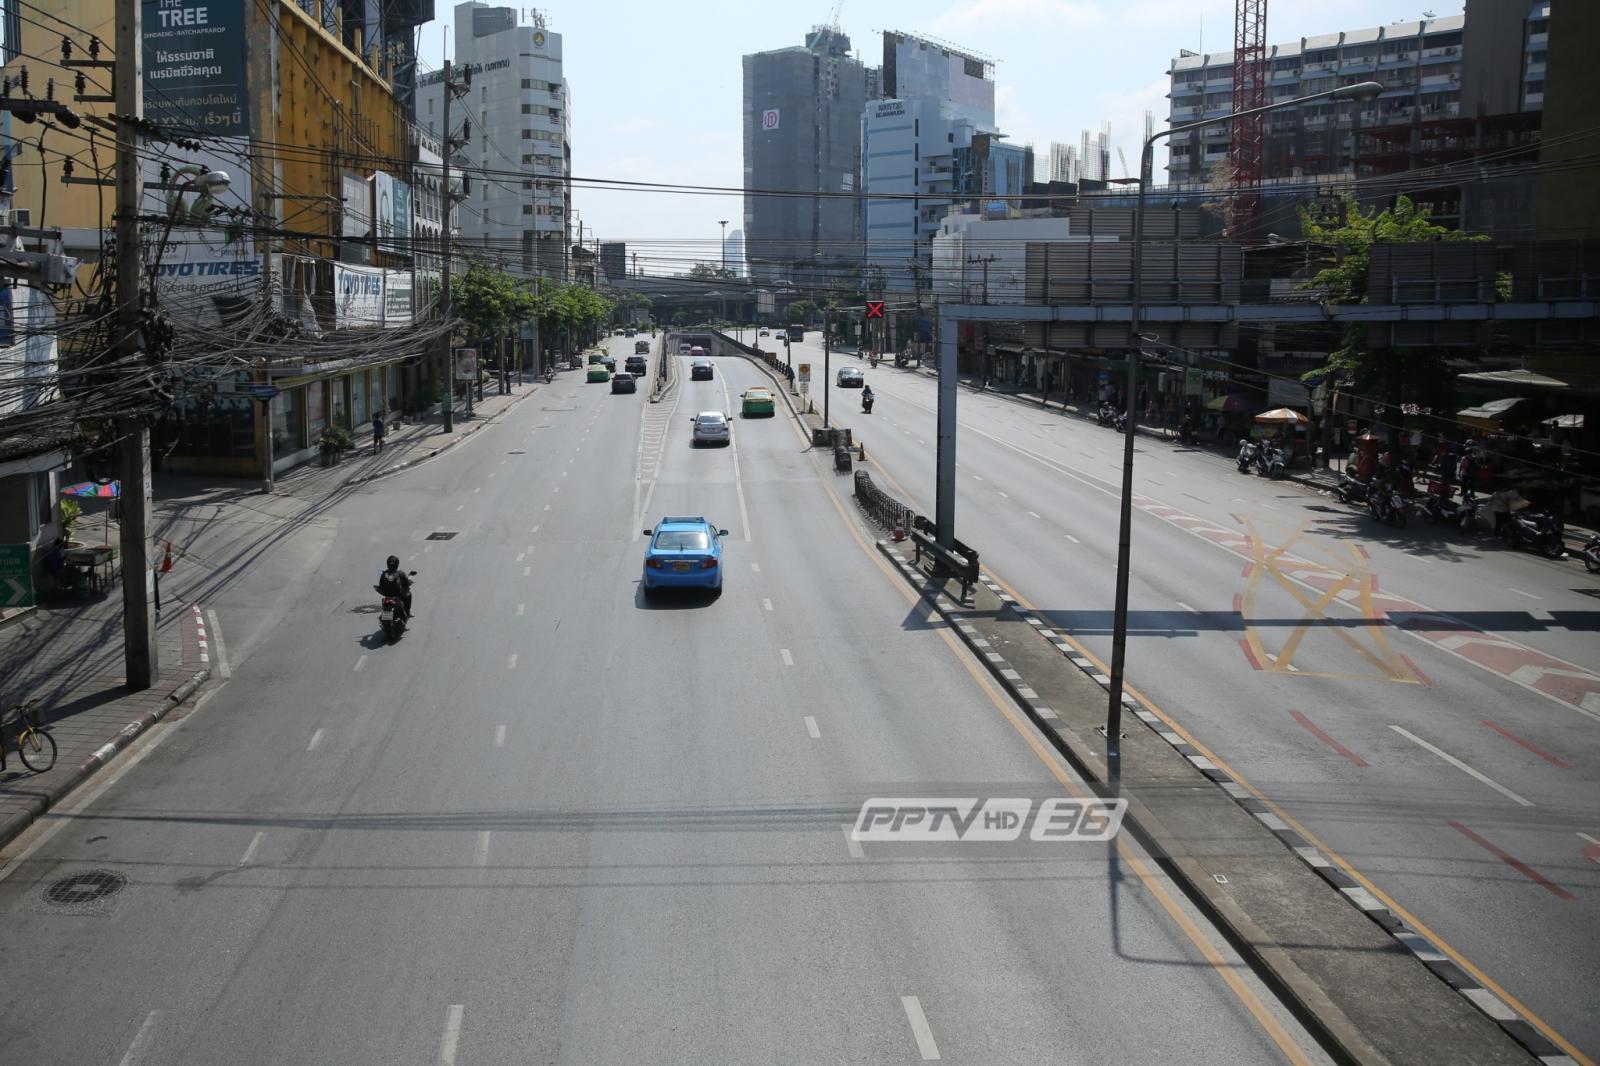 โล่งสุดลูกหุูลูกตา! ภาพถนนเมืองกรุงฯช่วงวันหยุดยาวสงกรานต์